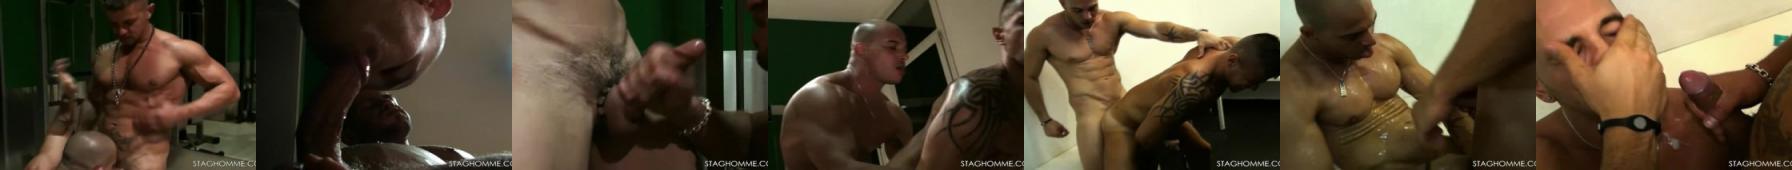 Jebanie przypakowanych facetów na siłowni